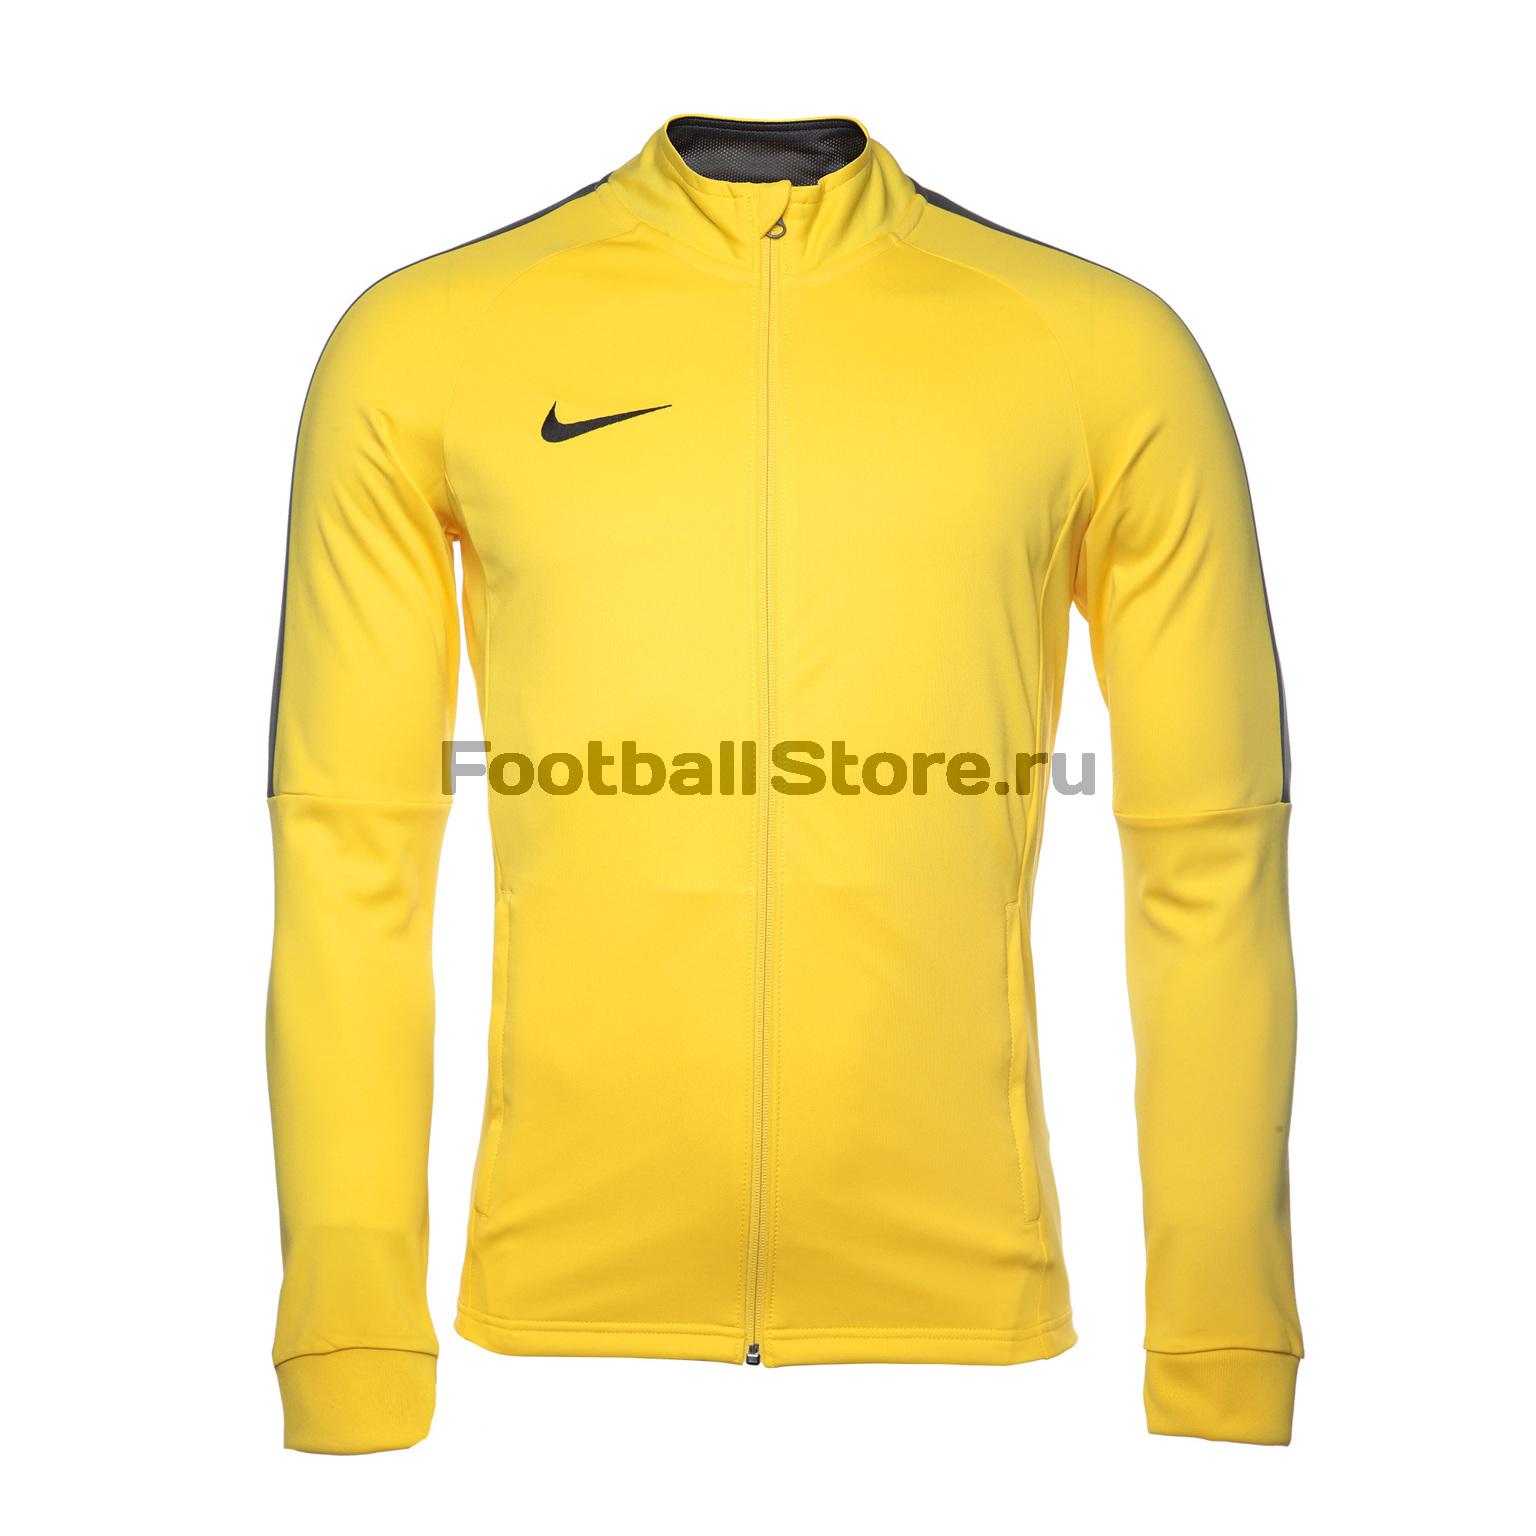 a841c891 Олимпийка Nike Dry Academy18 893701-719 – купить в интернет магазине ...